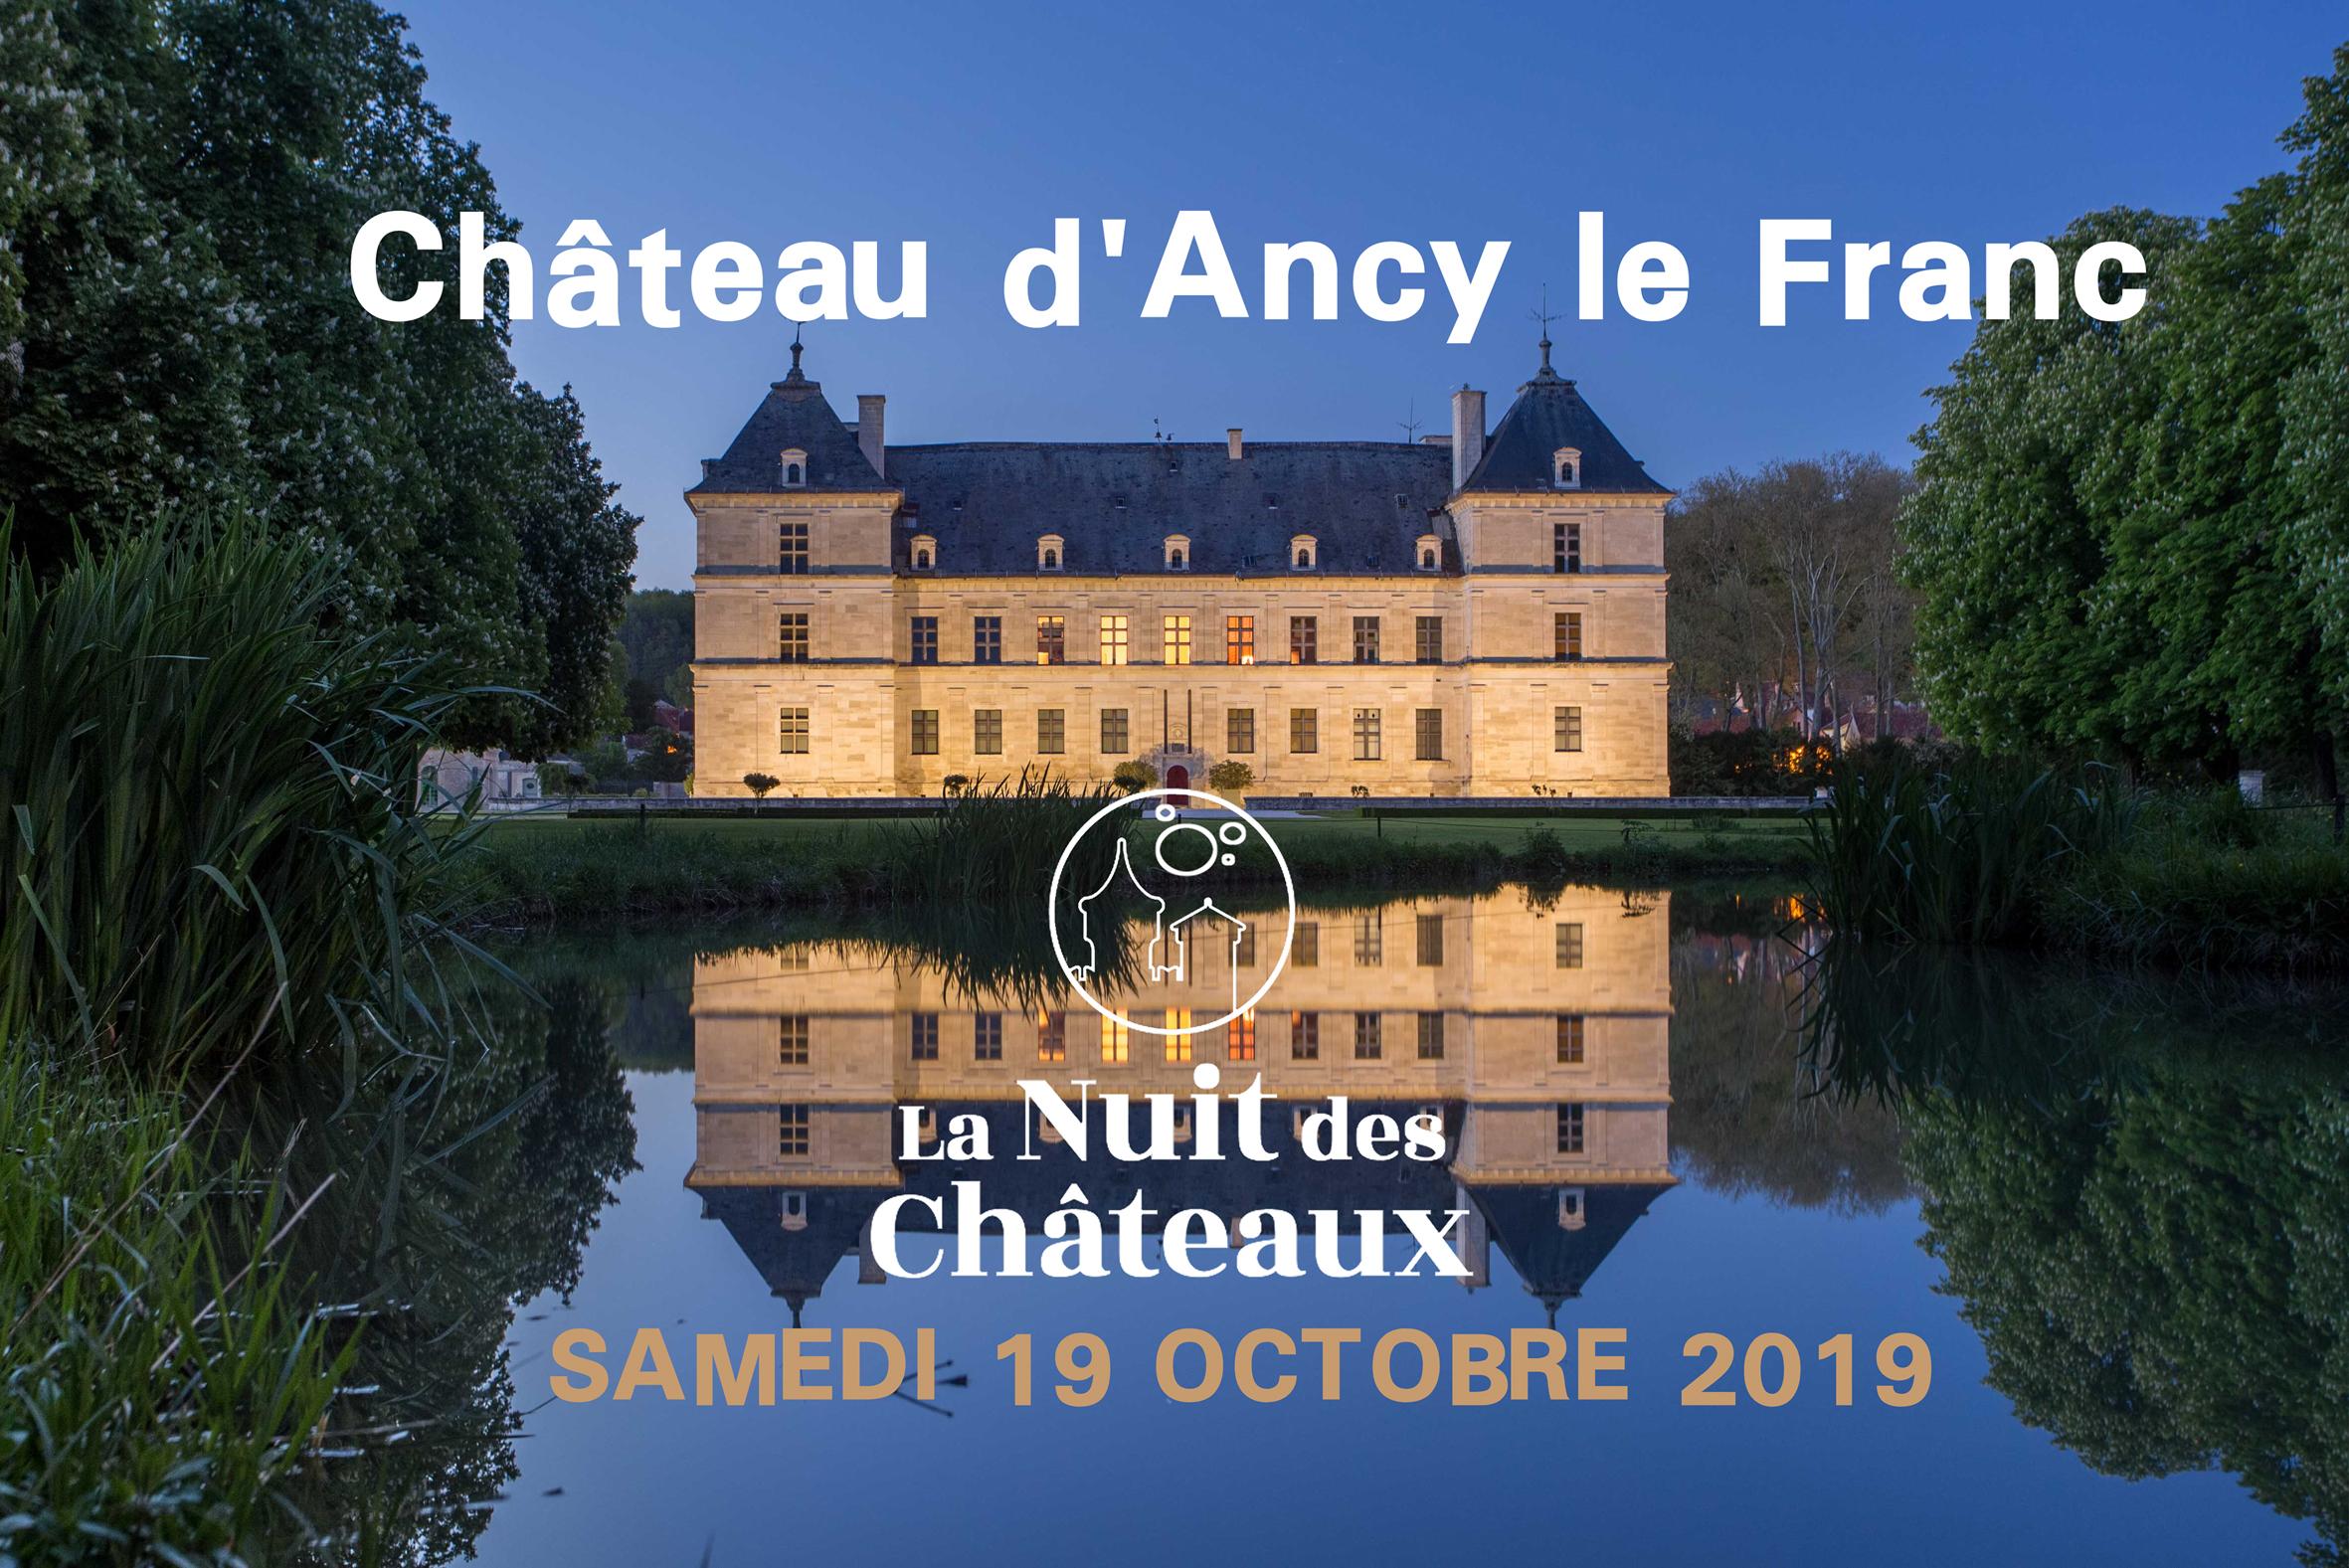 La nuit des châteaux au château d'Ancy le Franc